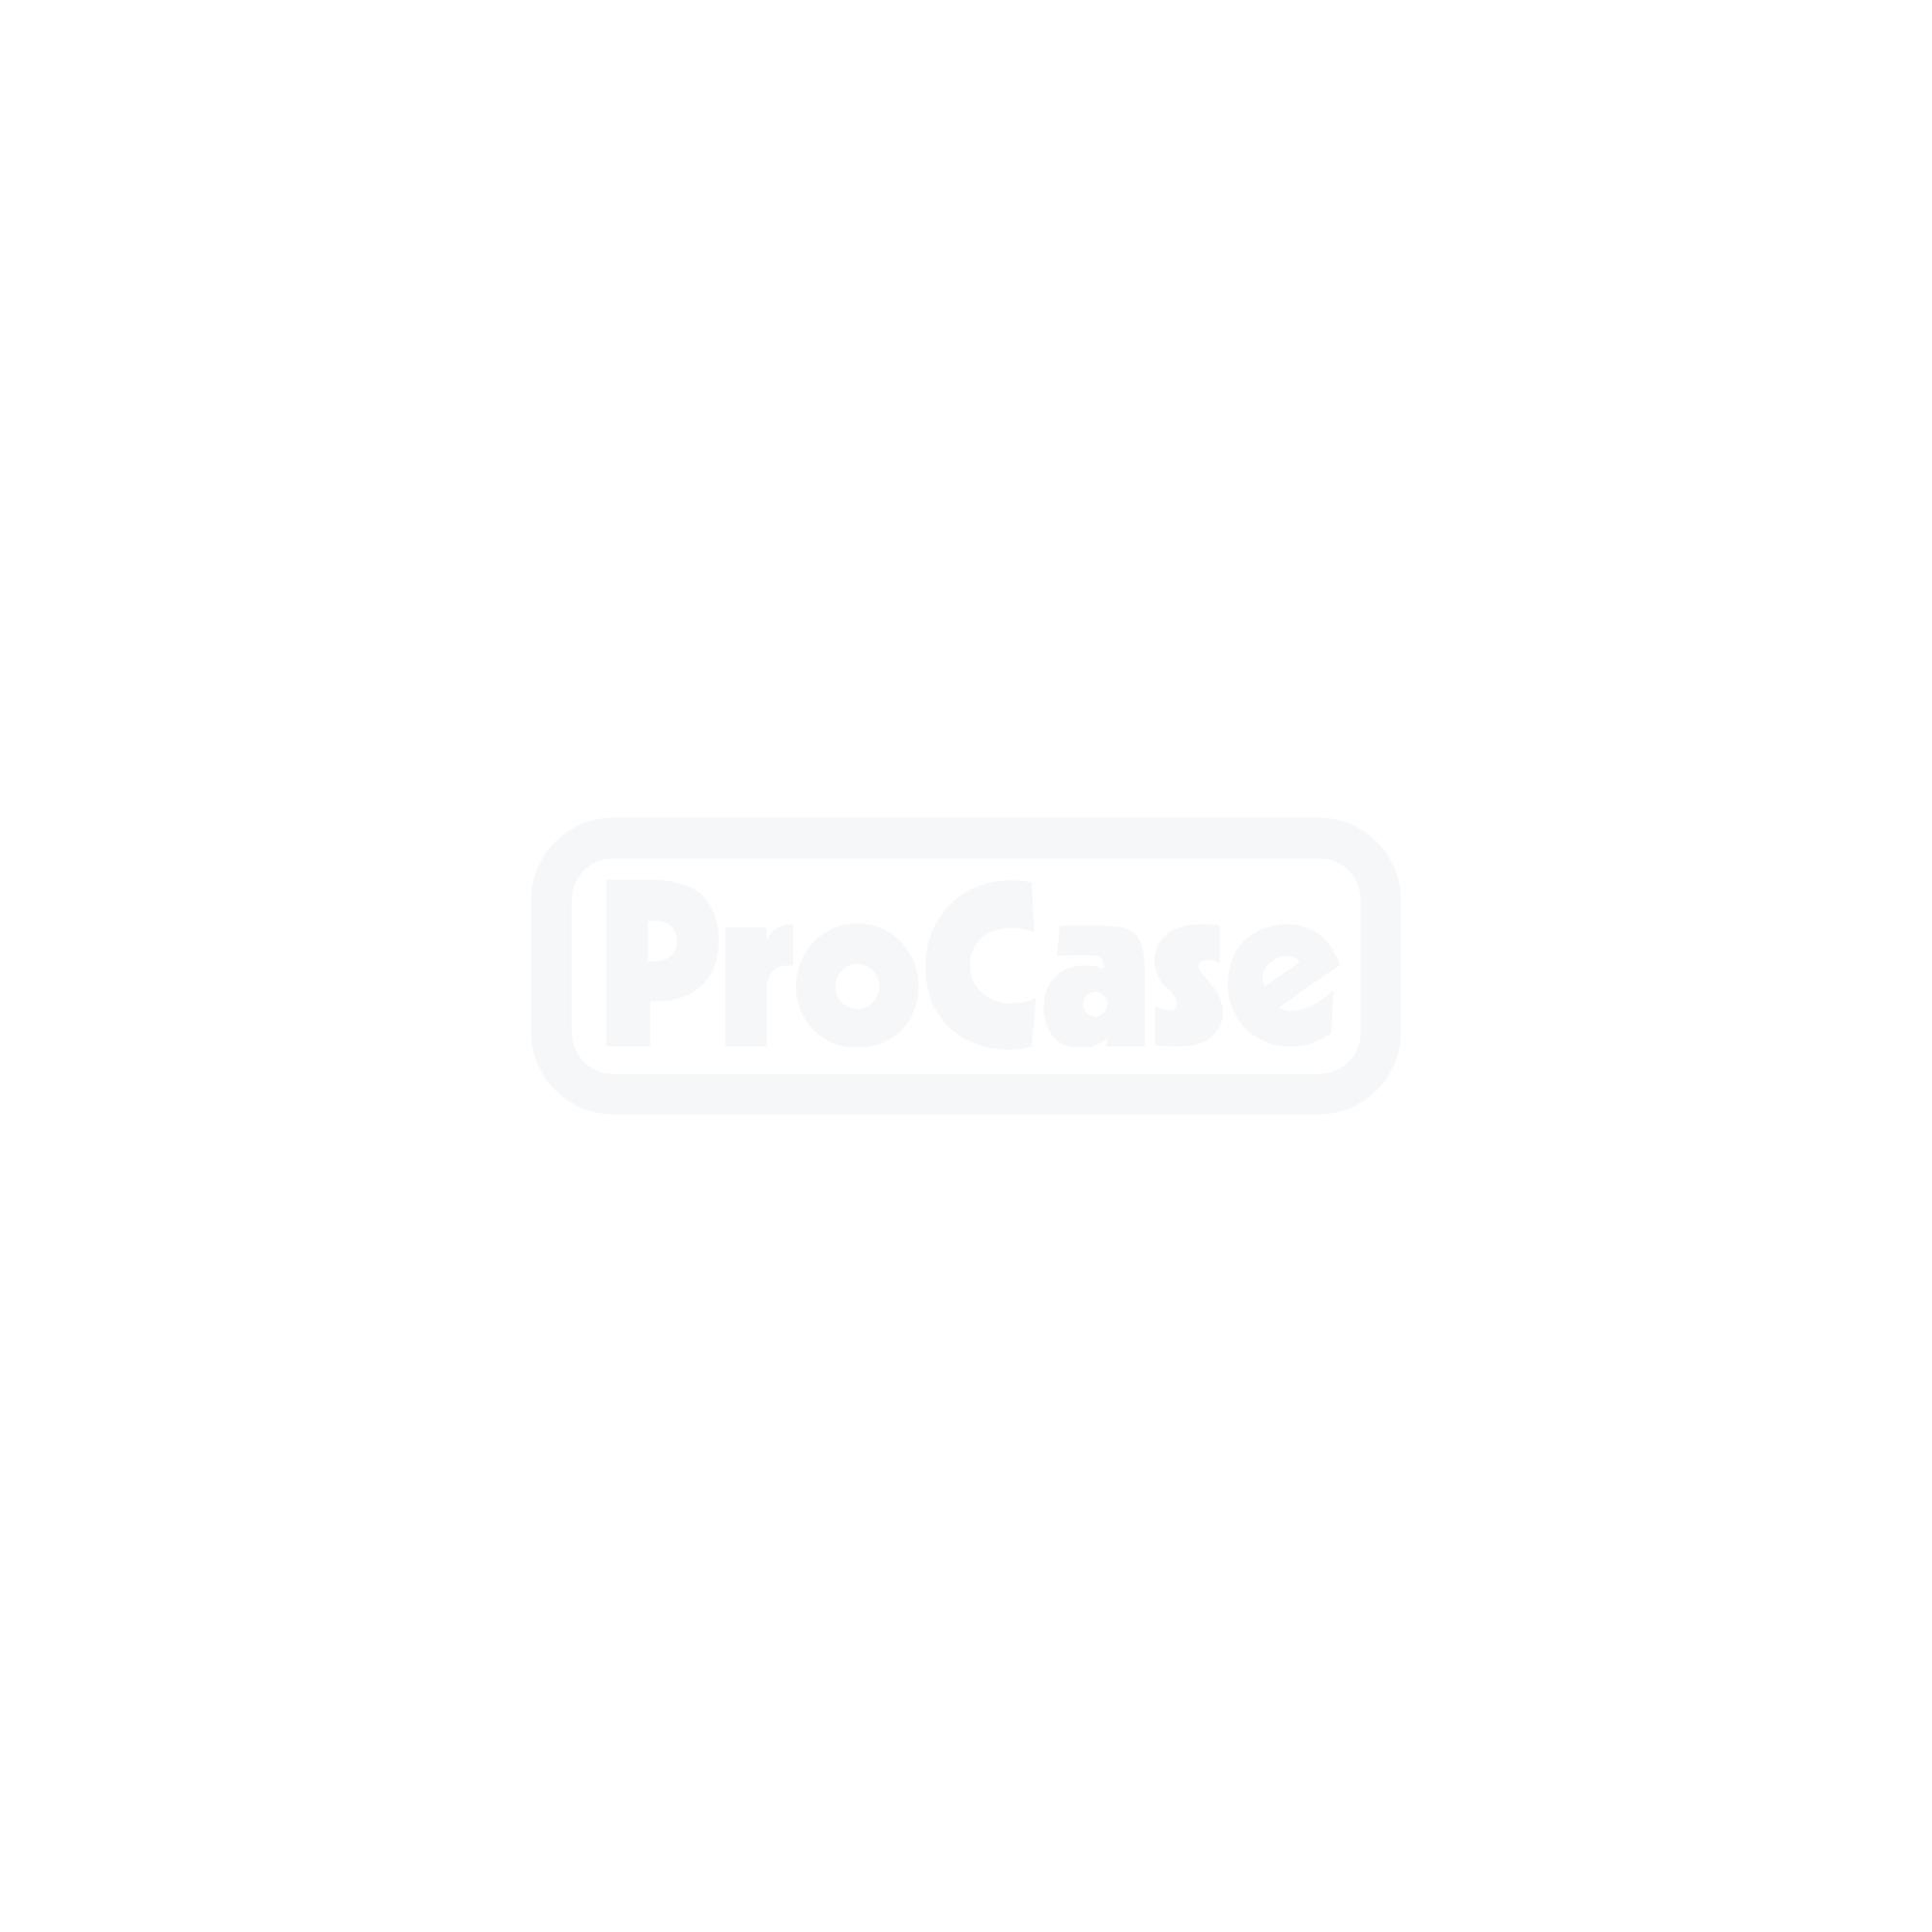 SKB 3R Koffer 2423-17B leer mit Trolley